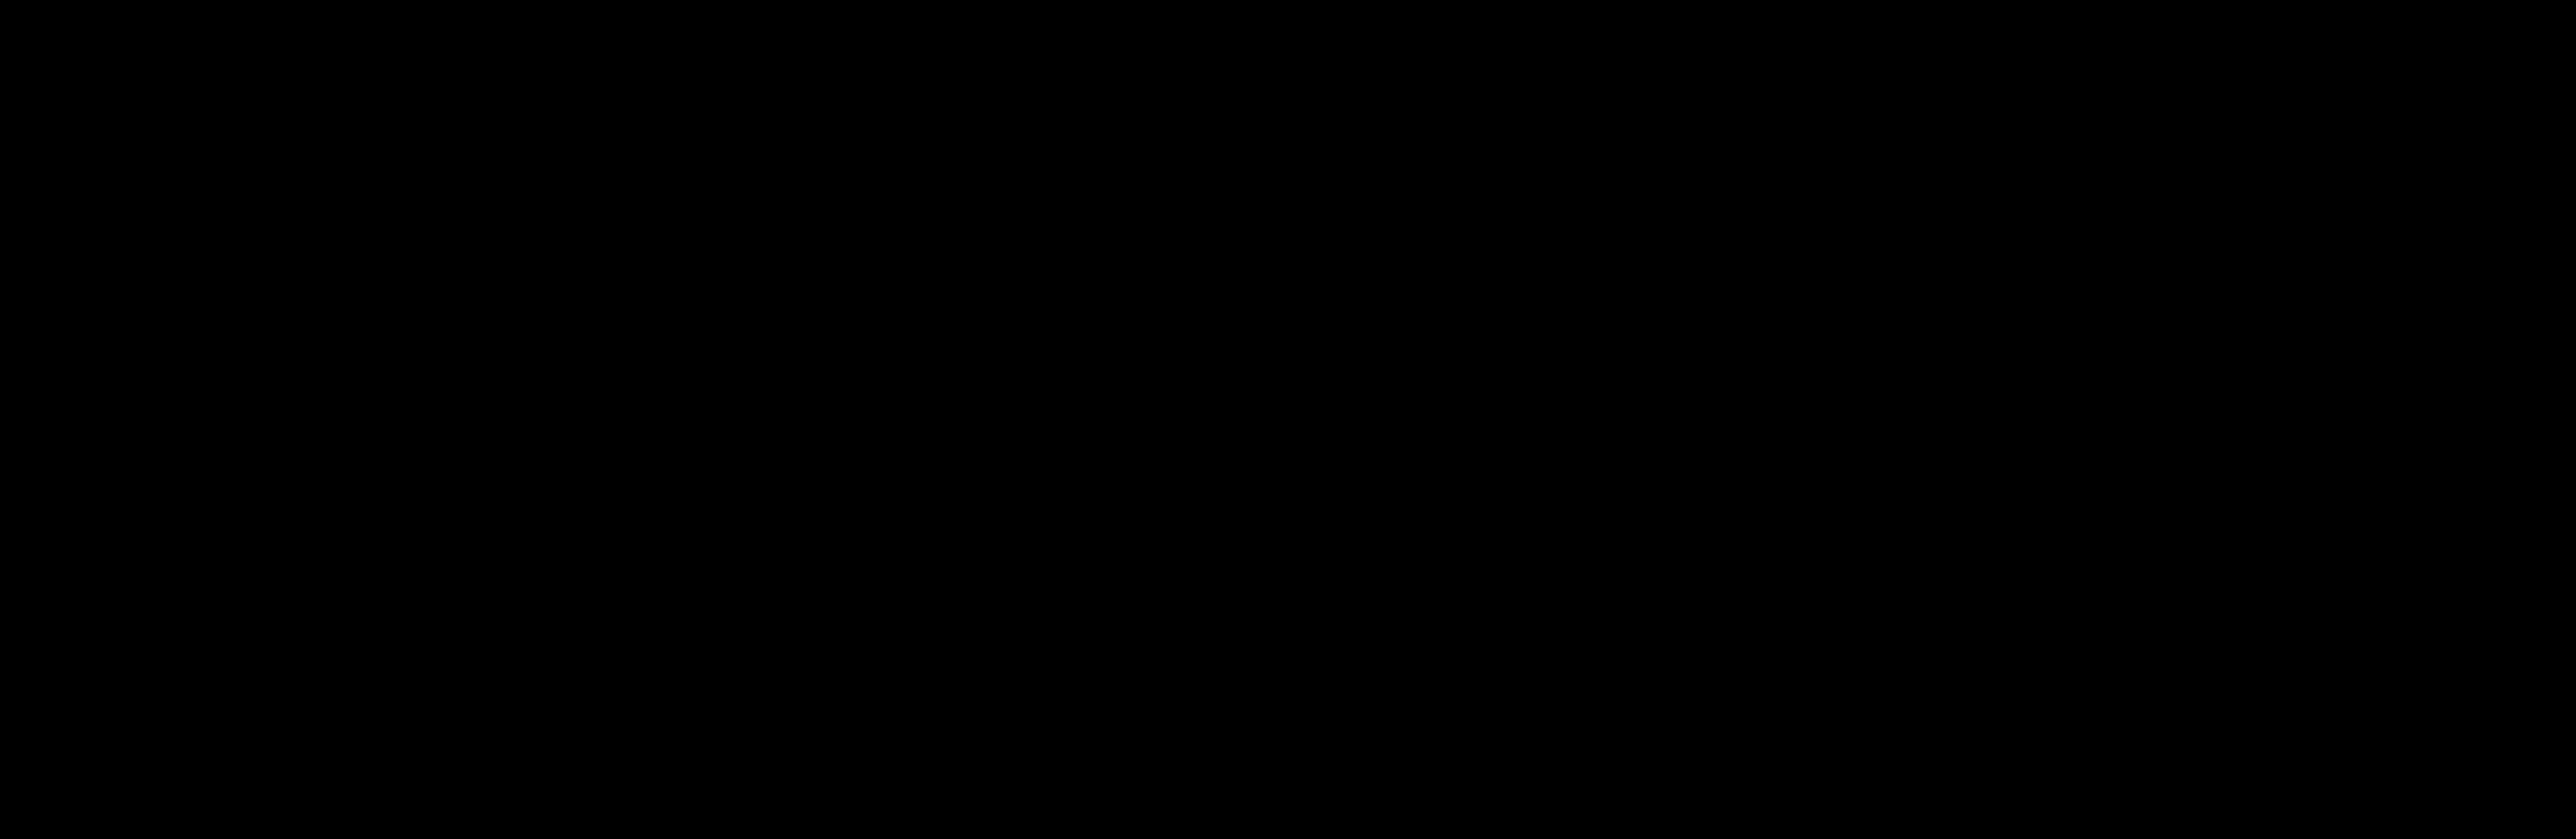 Beachclub The Sunset